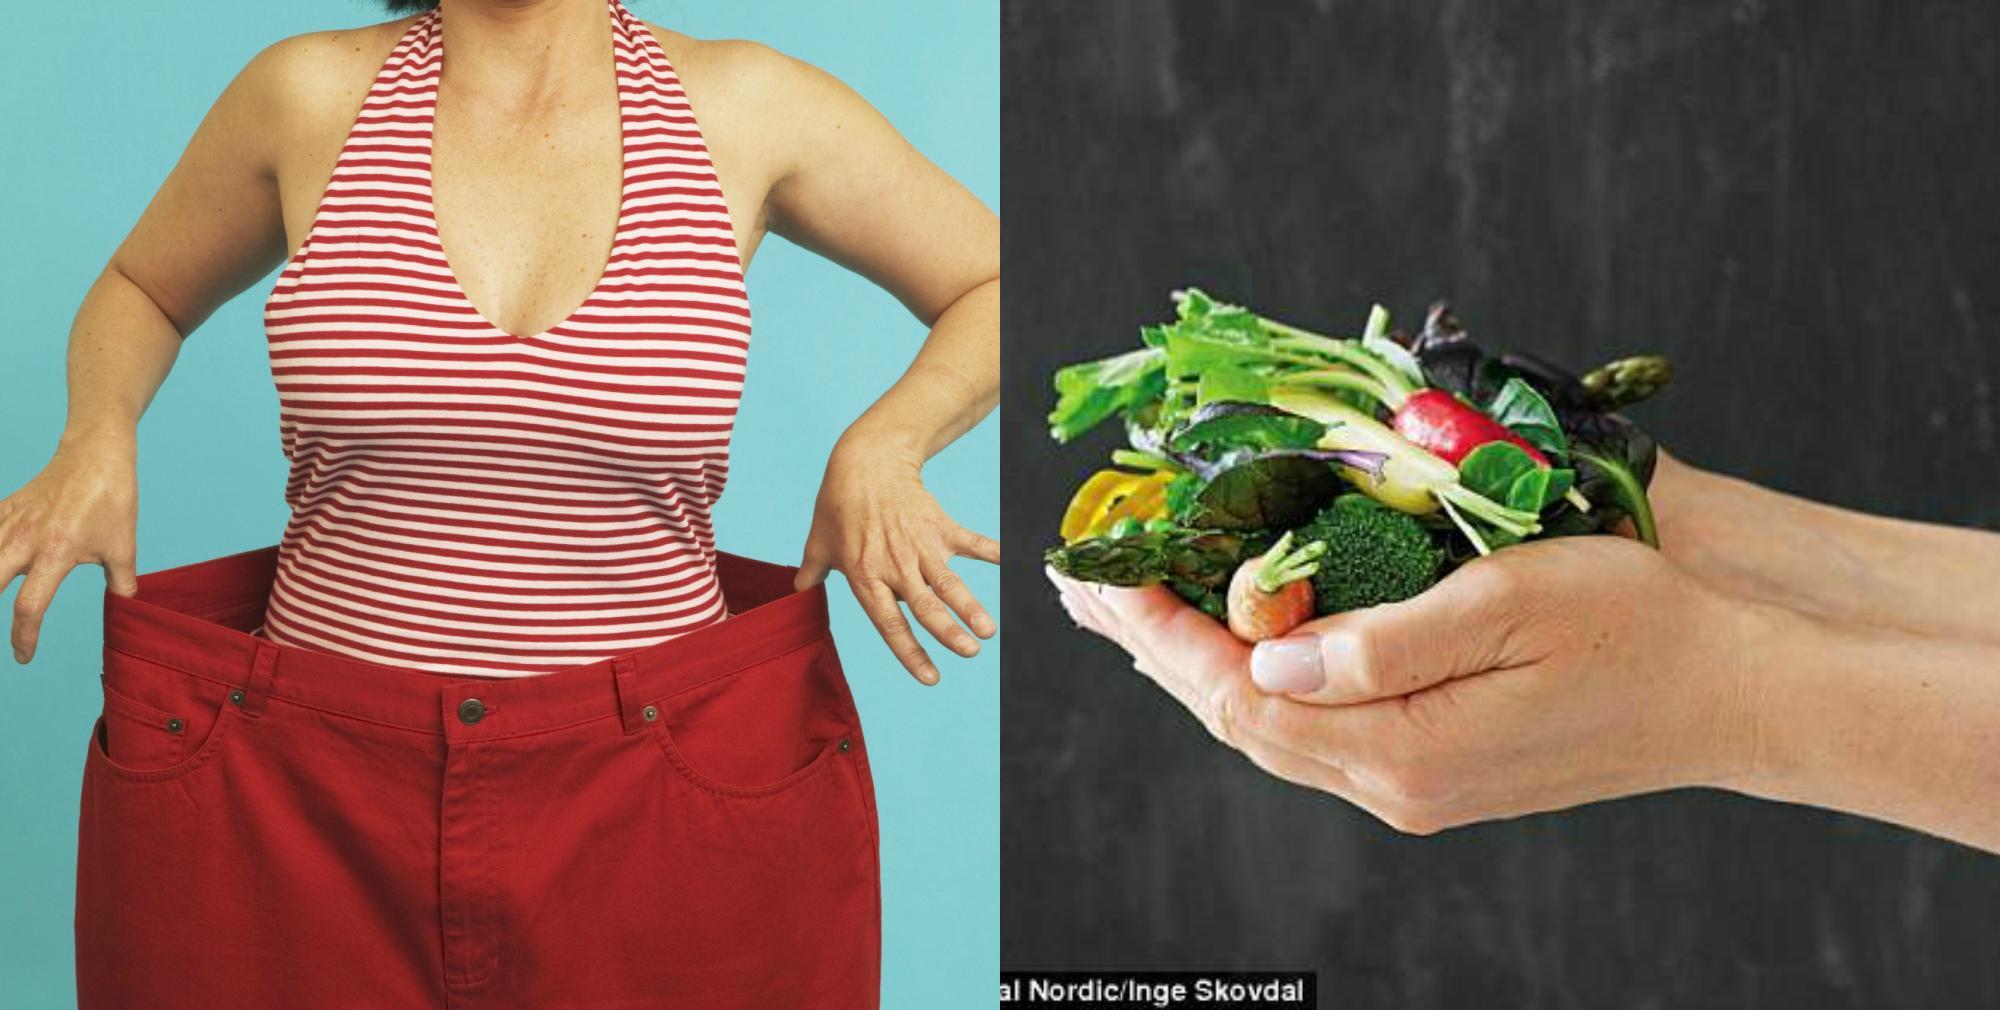 Японская Реклама О Похудении. Избавляйтесь от лишних килограммов, используя японский метод похудения